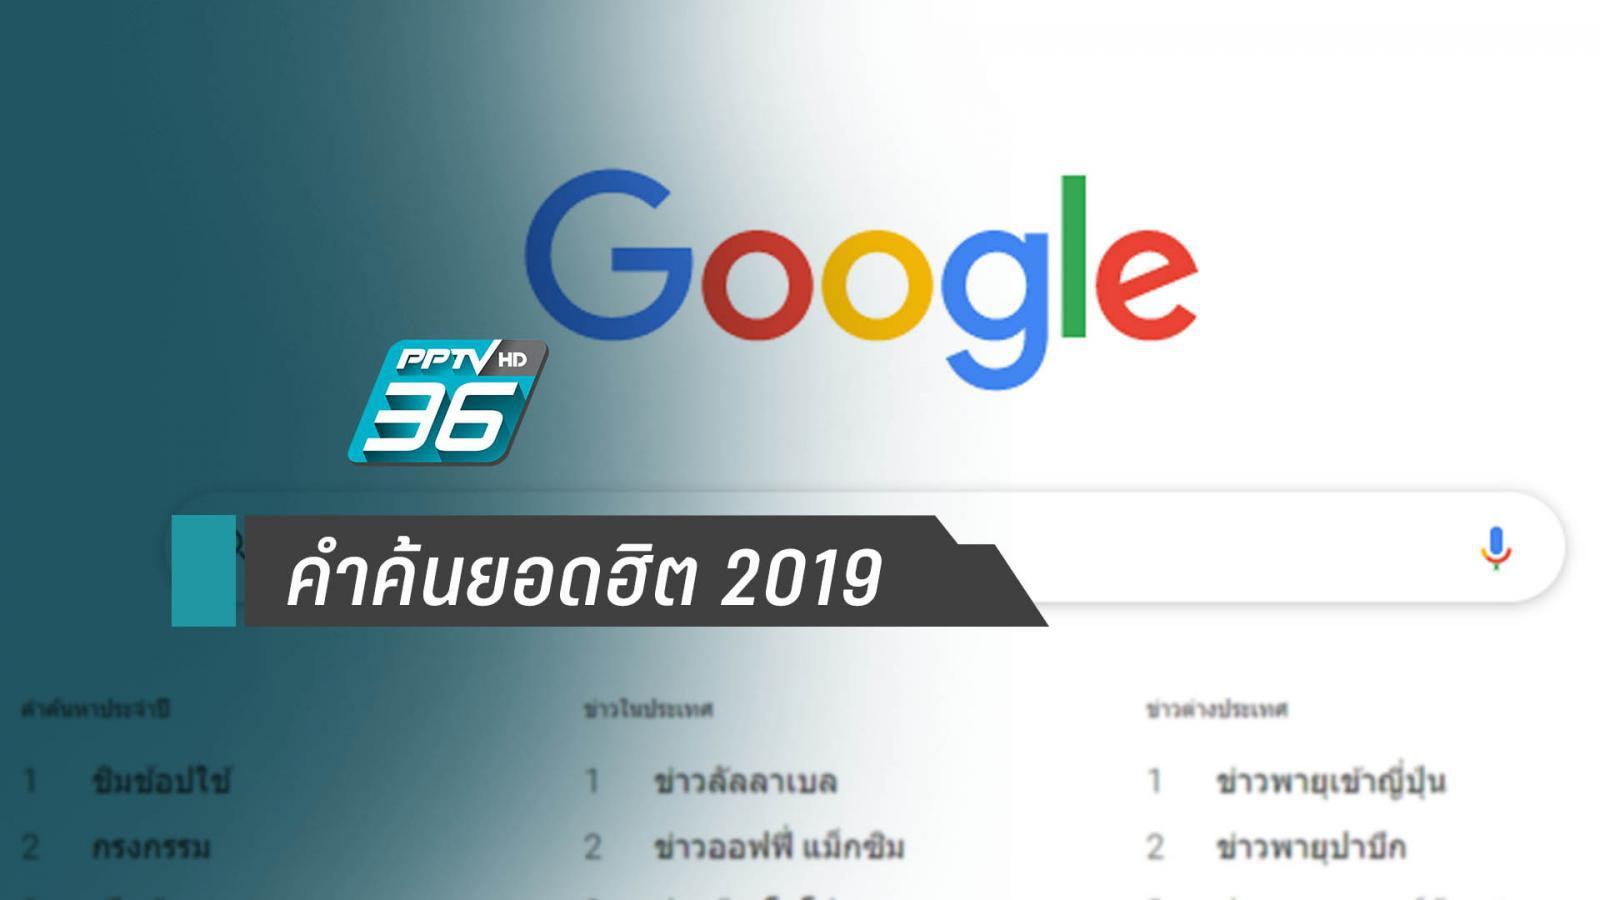 คนไทยเสริจกูเกิล 'ชิมช้อปใช้' อันดับ 1 รองมา ' วิธีเลือกตั้ง'